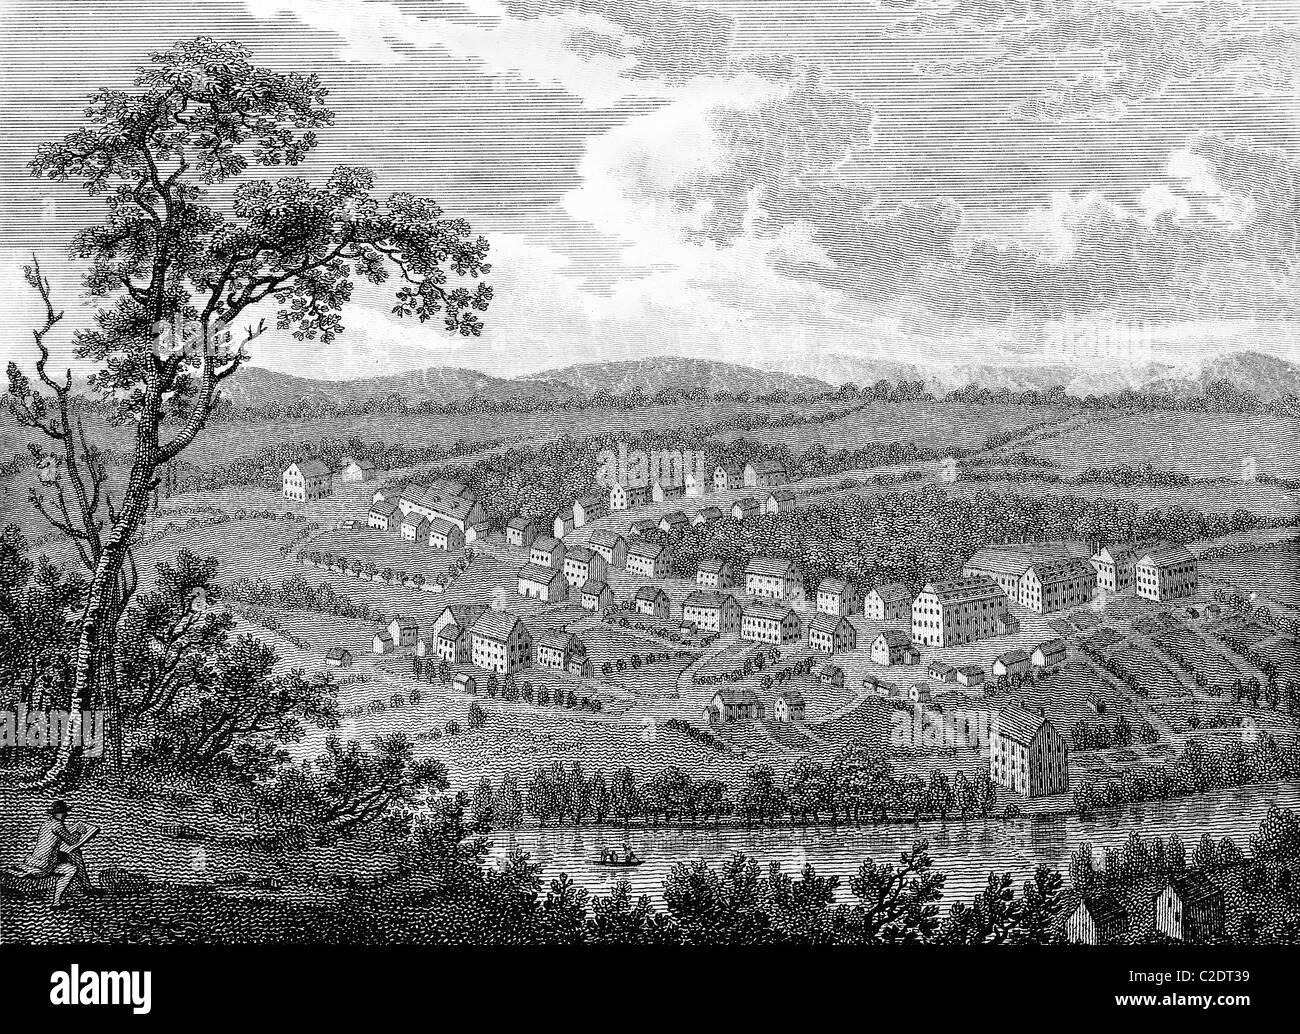 Moravian settlement at Bethlehem, Pennsylvania - Stock Image